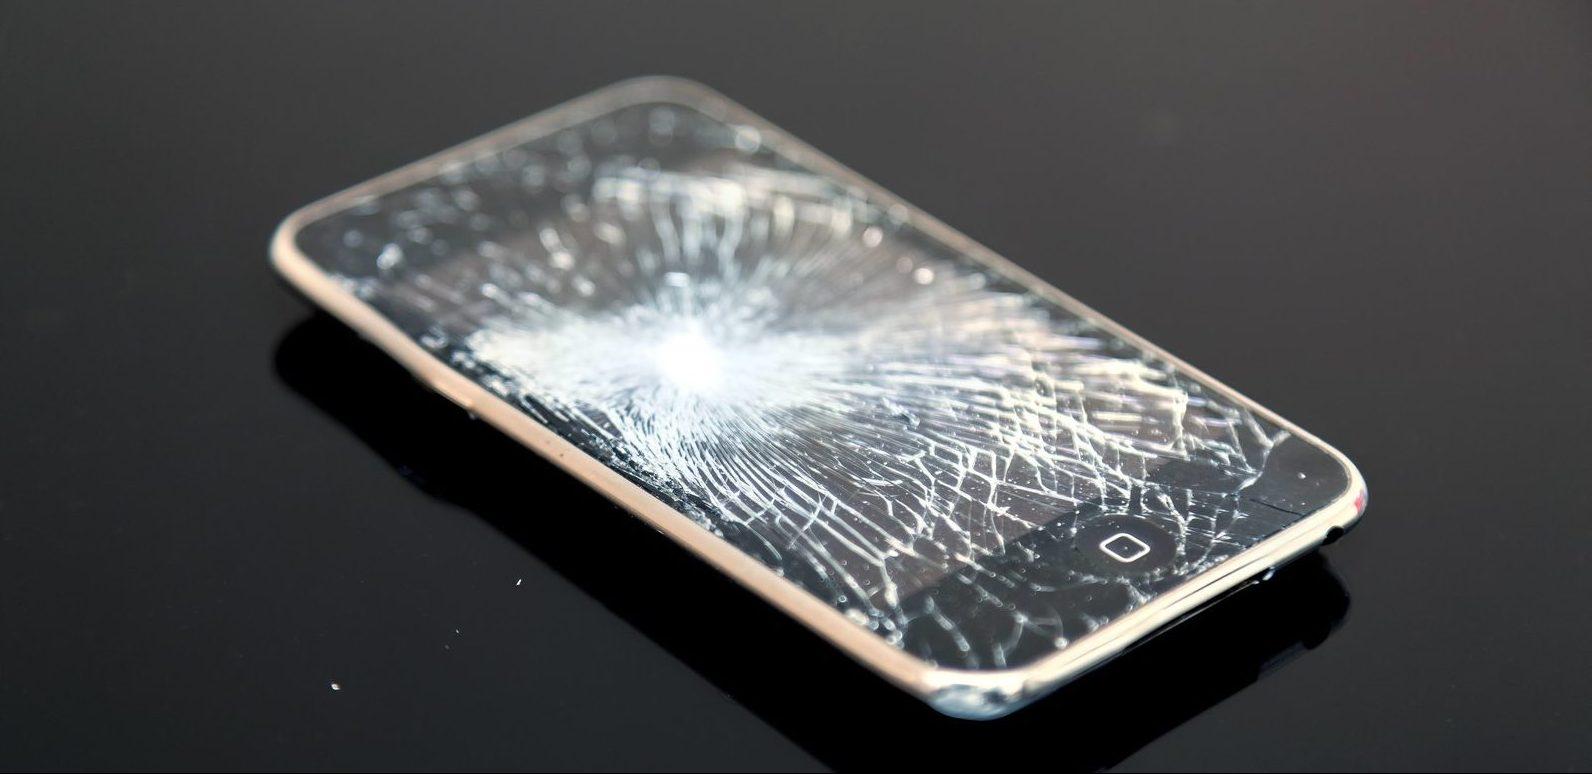 iPhoneのガラス割れ端末